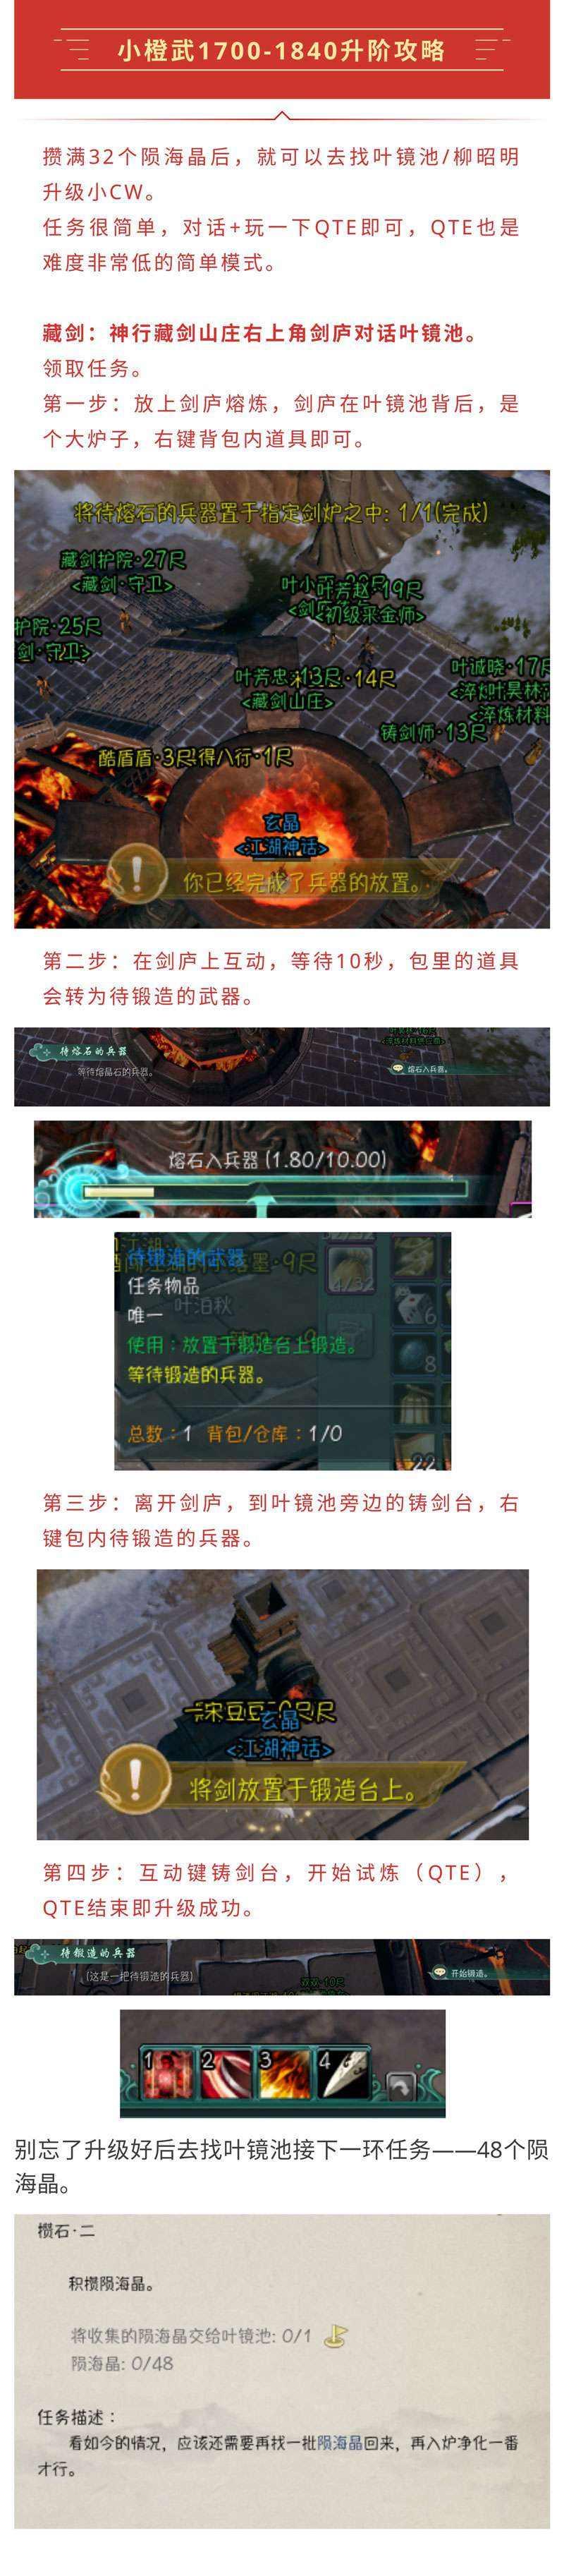 《剑网3》全民小橙武限时重铸 1840阶升级攻略助力